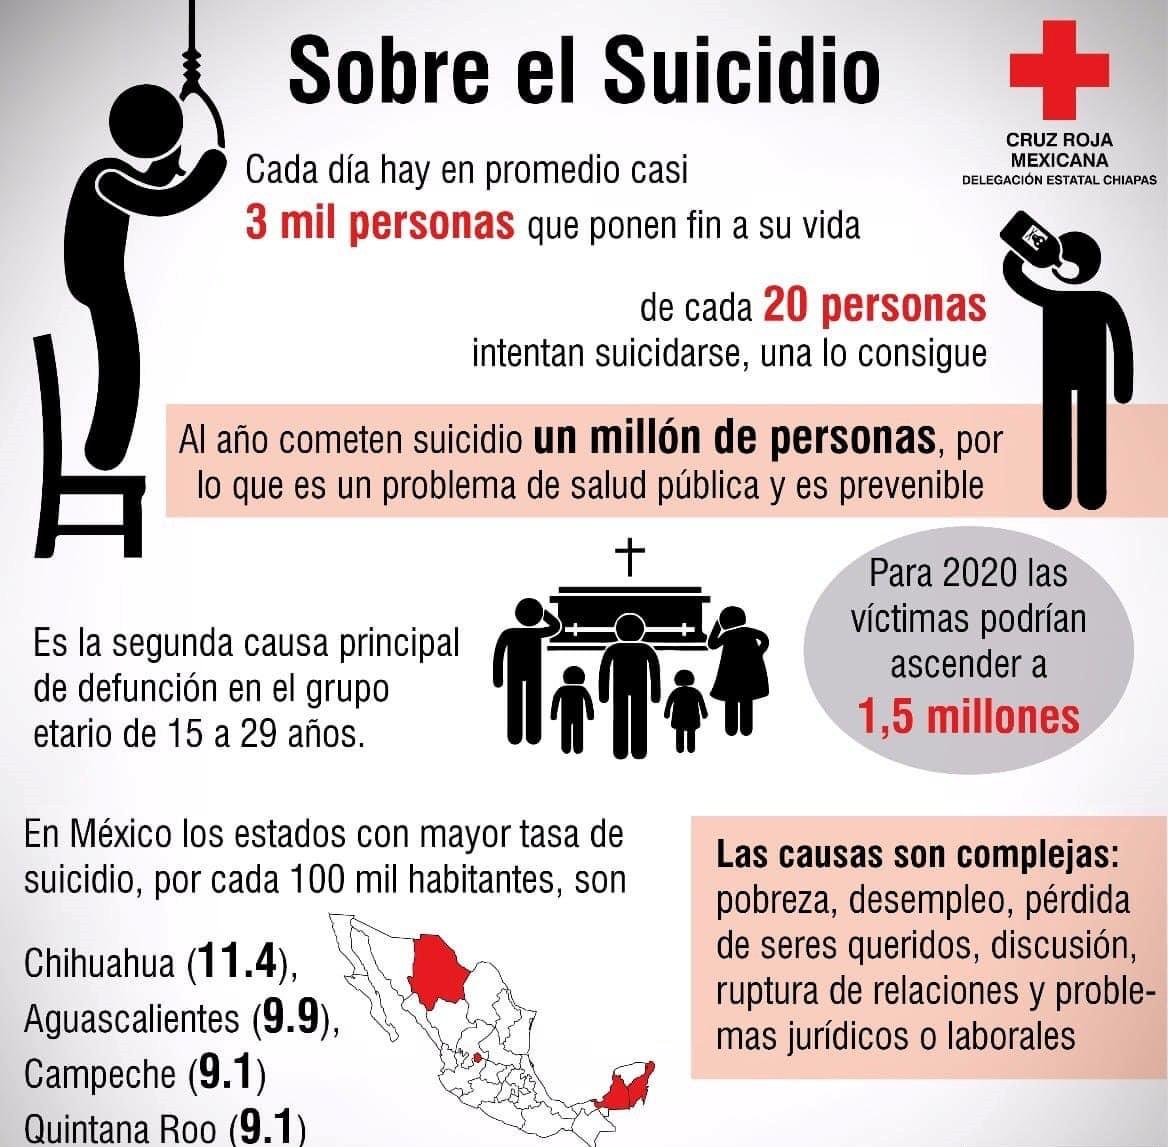 información sobre el suicidio